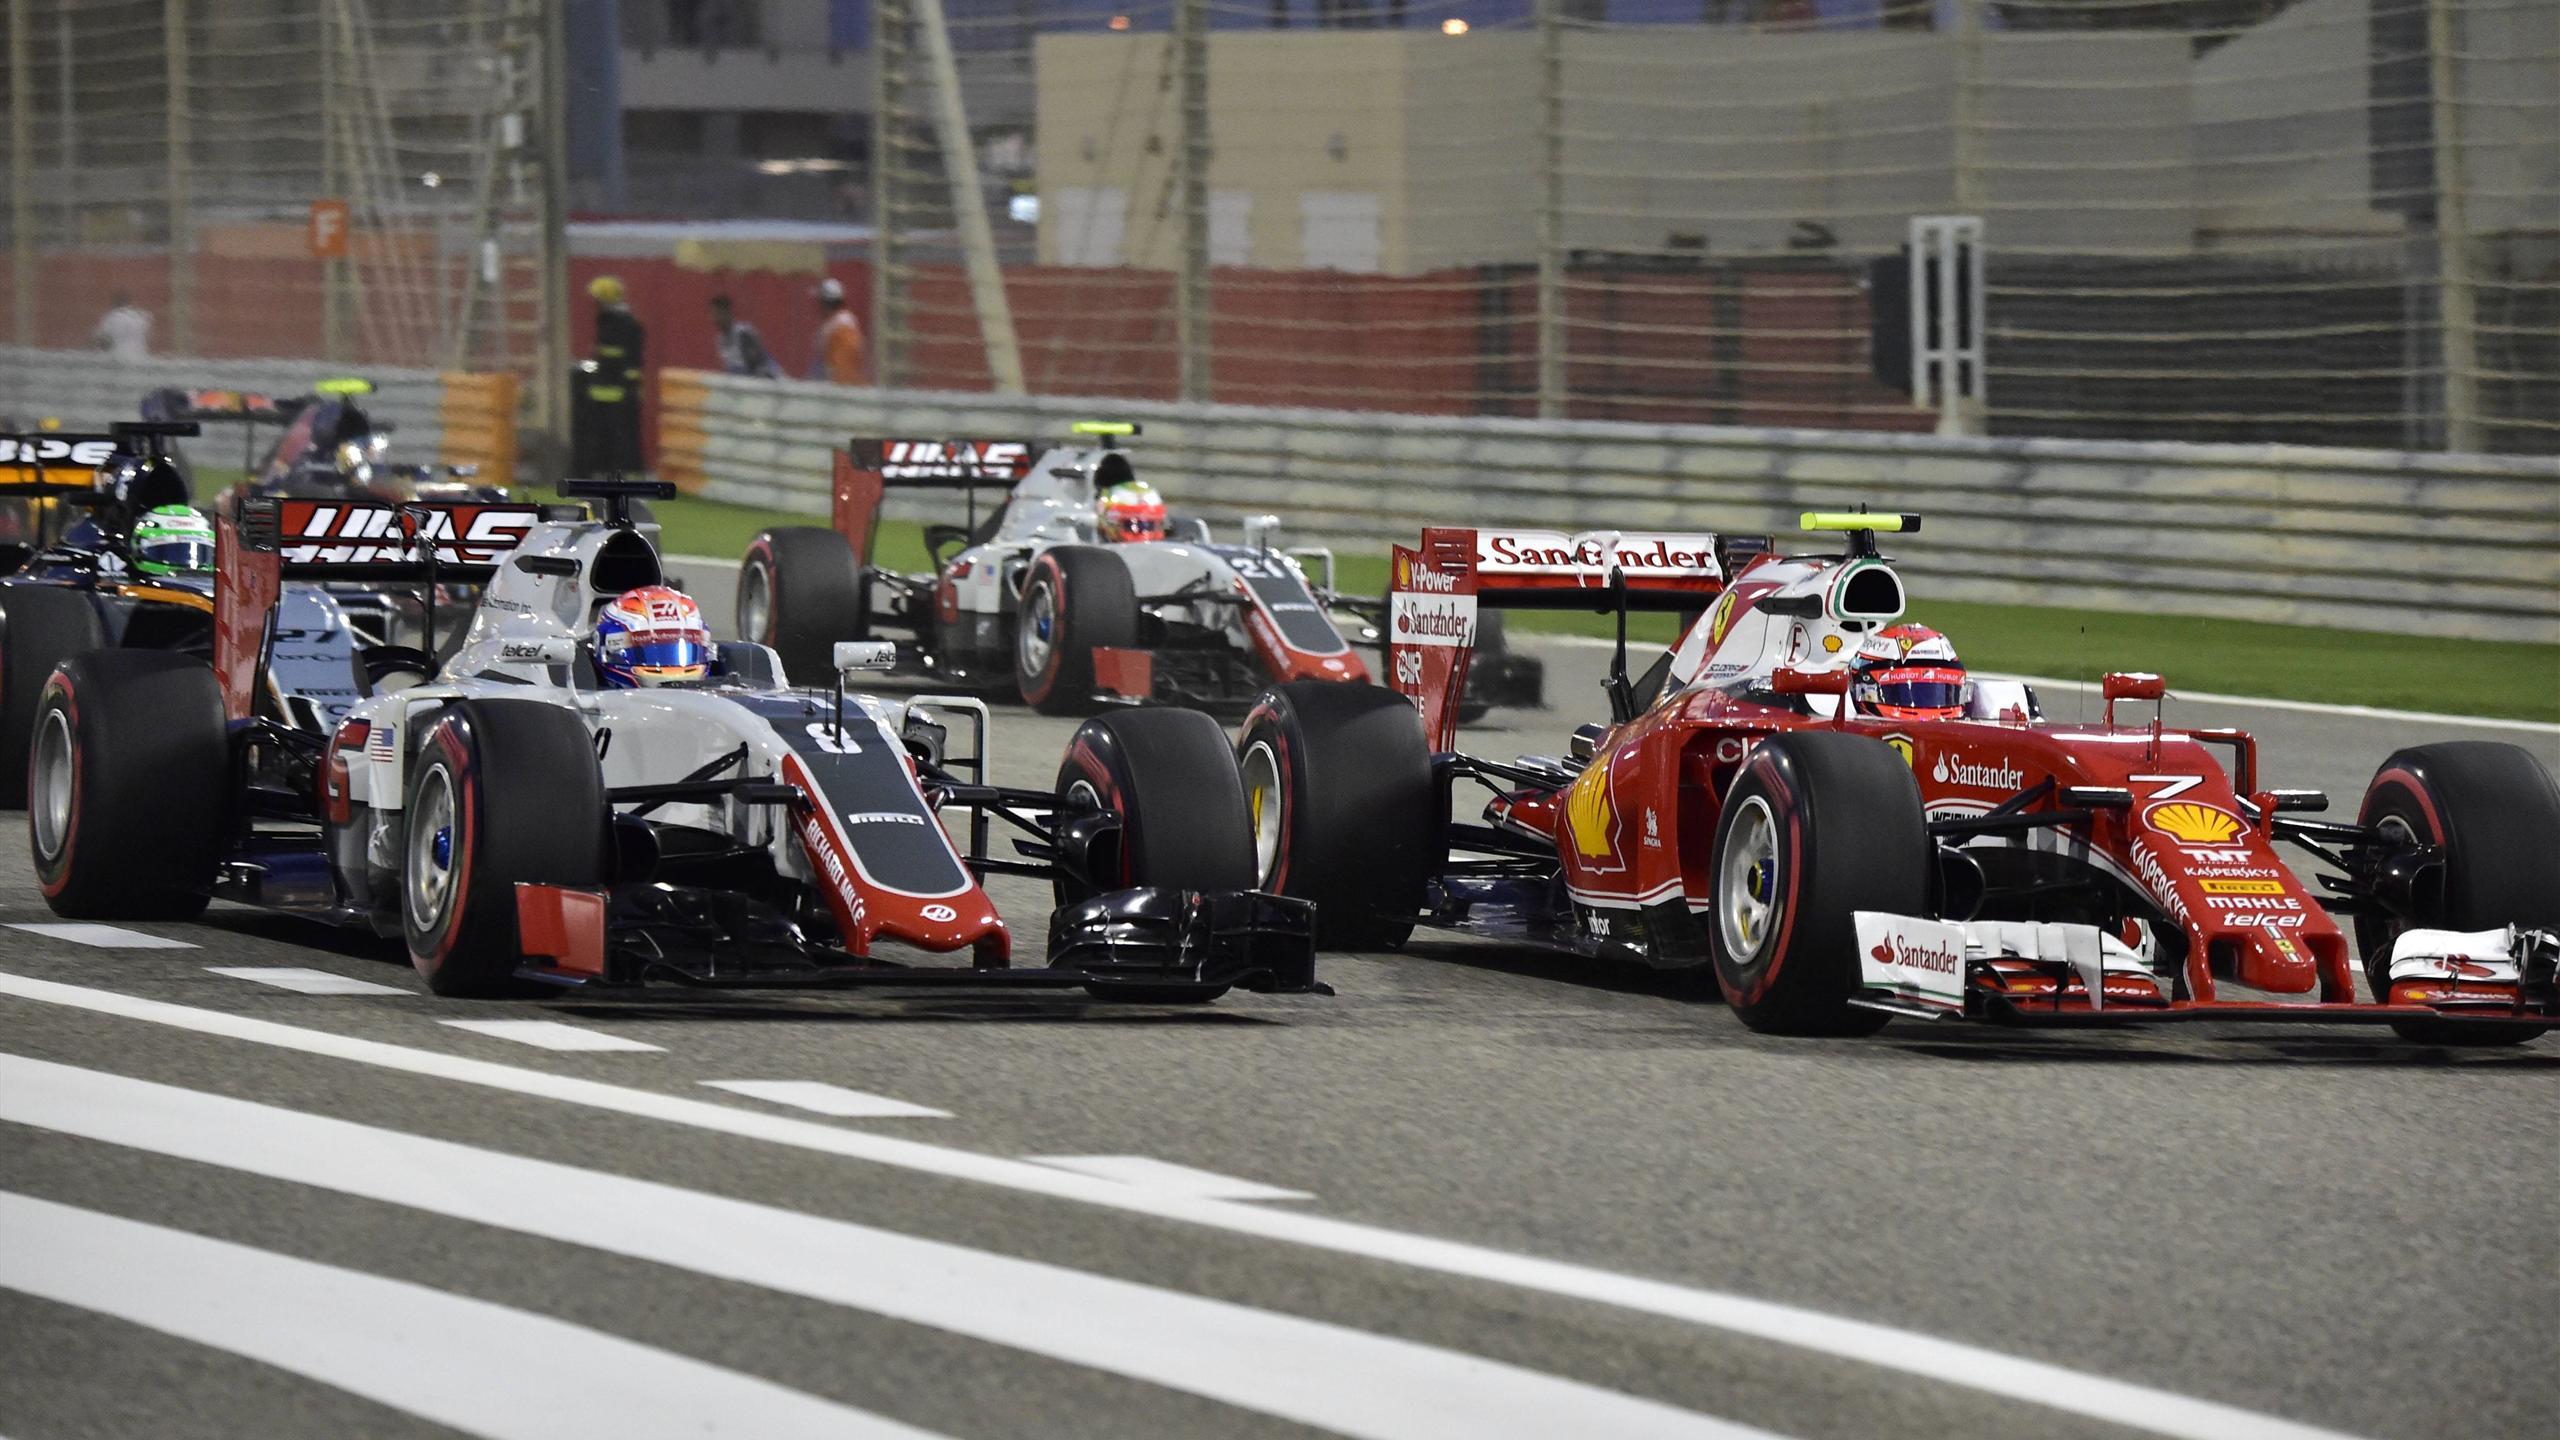 2016, F1, Romain Grosjean (Team Haas), Kimi Raikkonen (Ferrari) - Imago not in UK